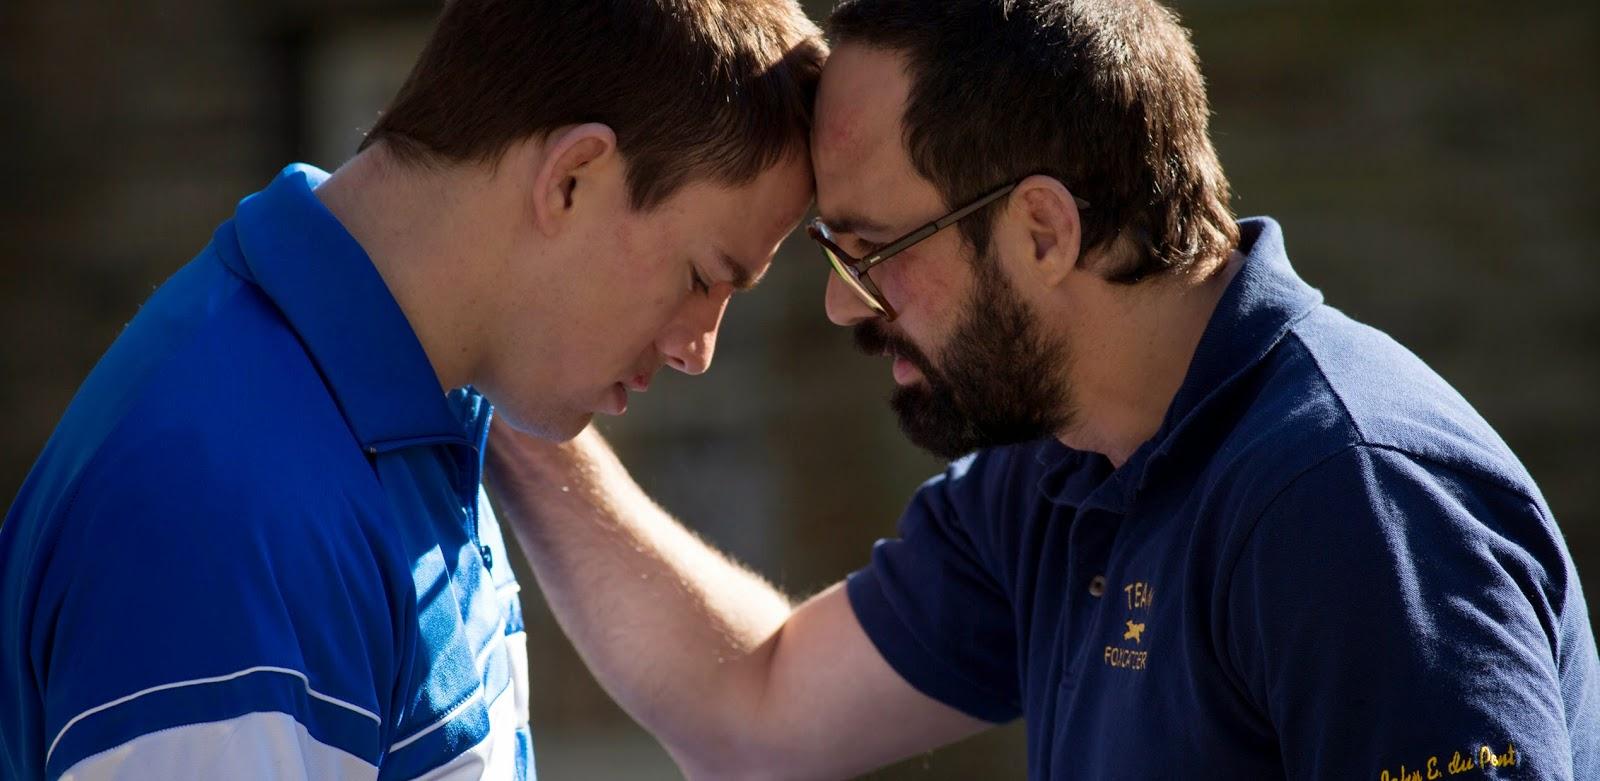 Steve Carell dá esperança a America em novo trailer do drama esportivo Foxcatcher, com Channing Tatum